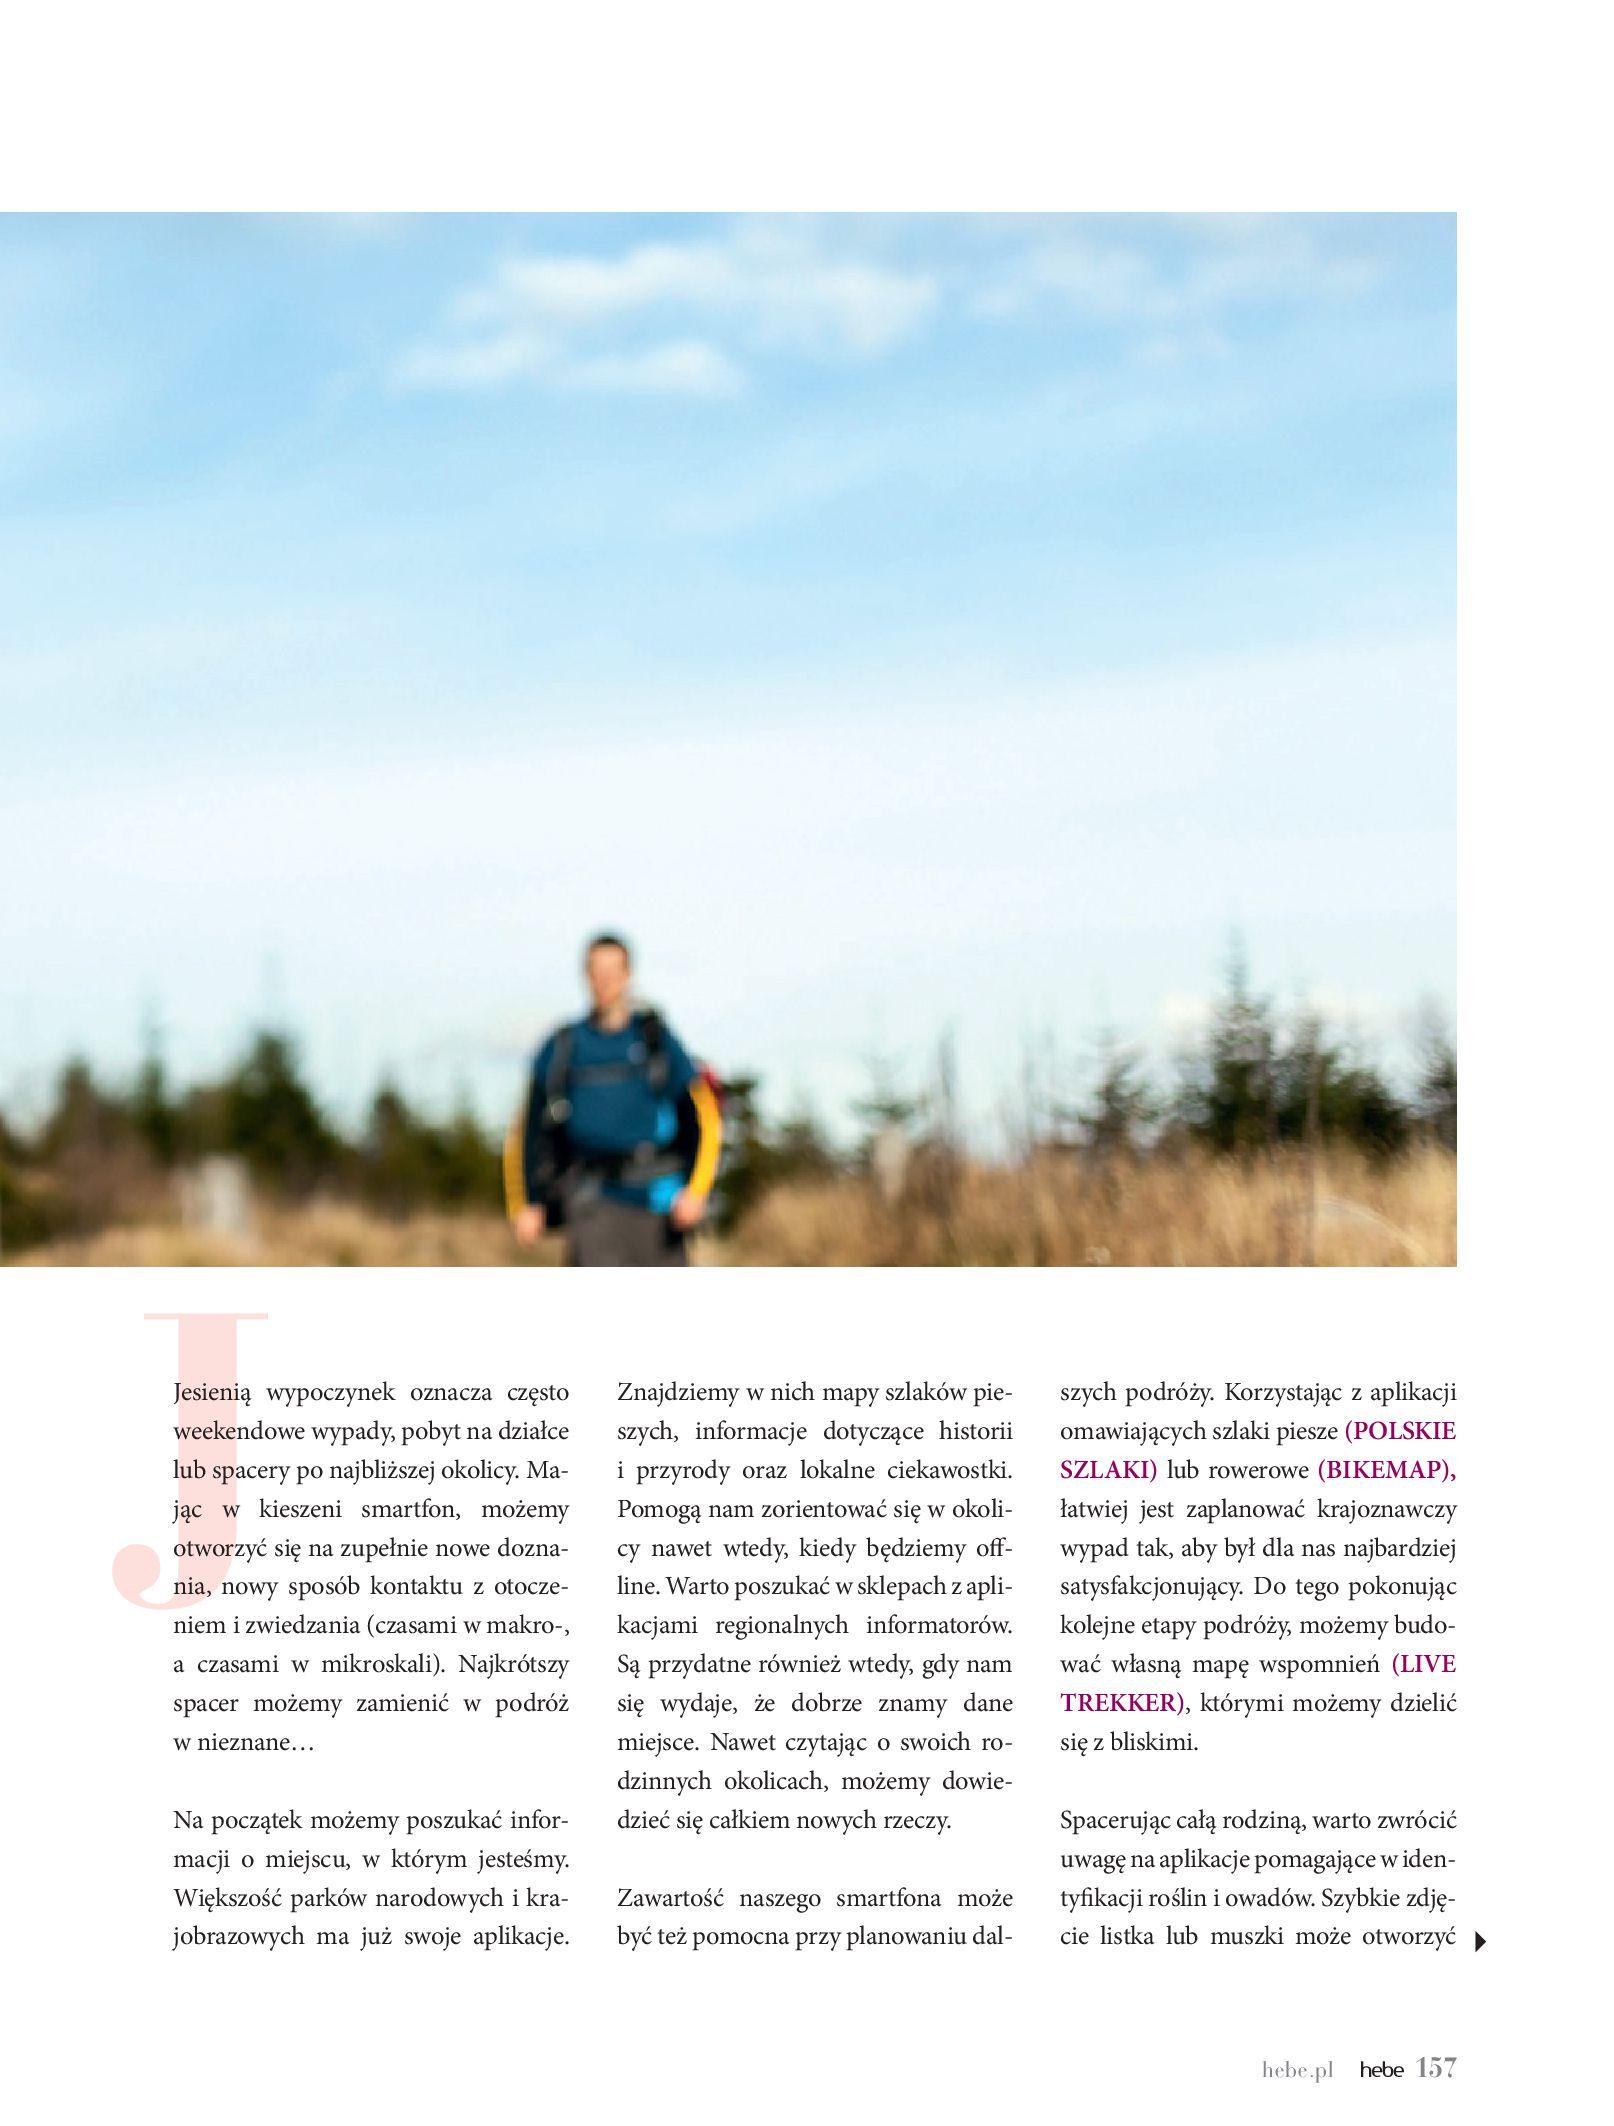 Gazetka hebe: Magazyn hebe - TURBO nawilżanie po urlopie 2021-09-01 page-157